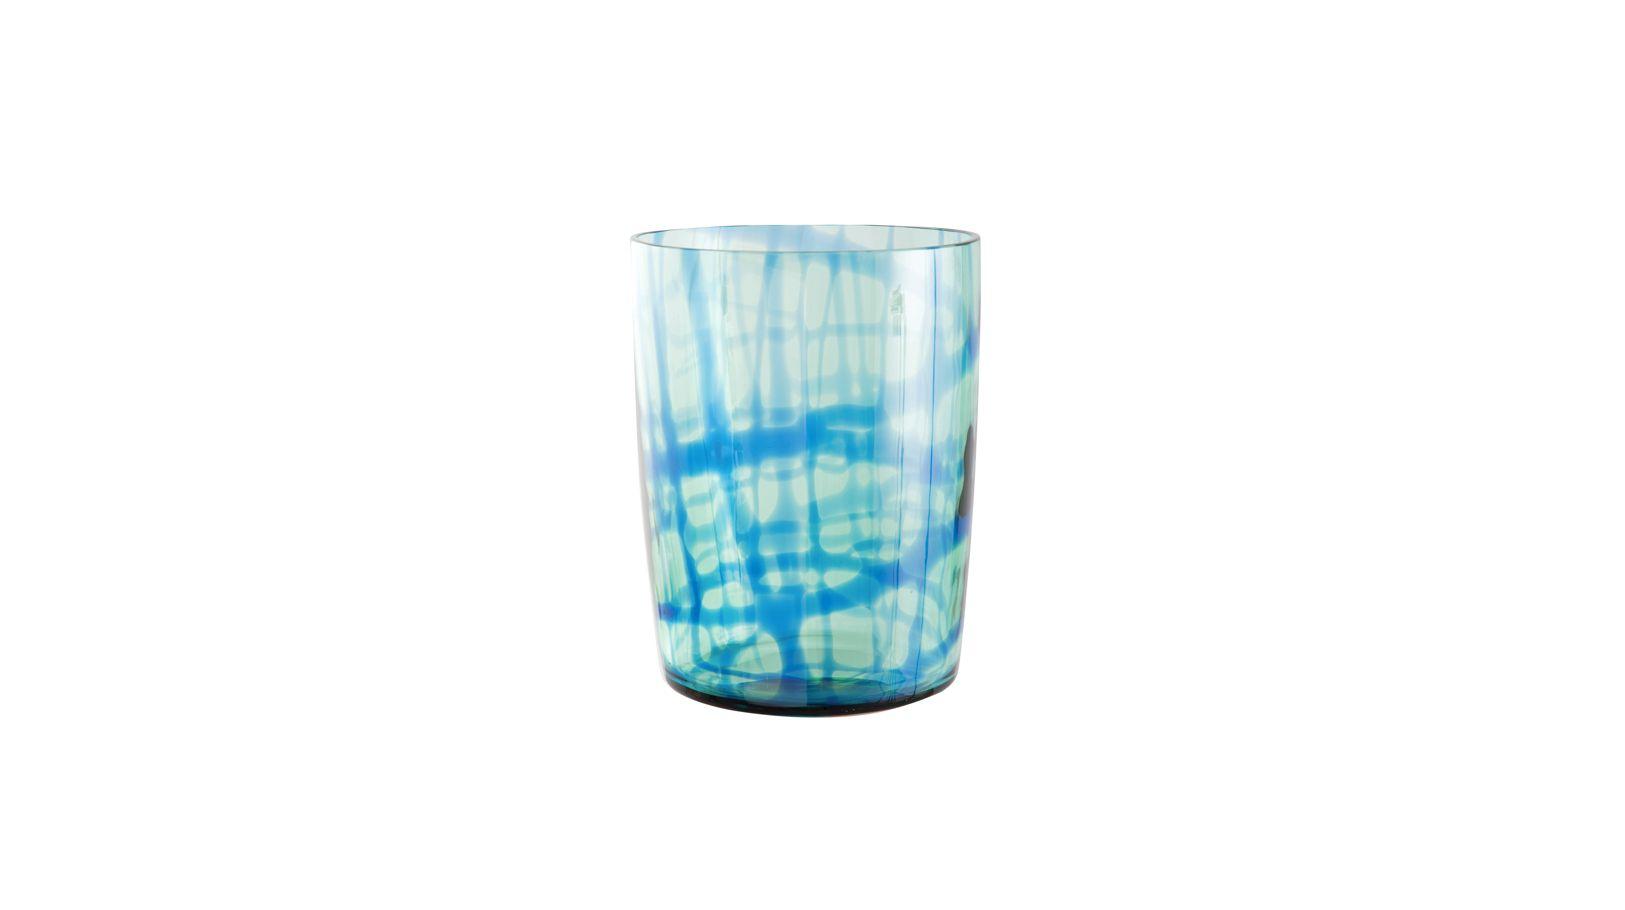 Fibra Fibra Vase Roche Bobois